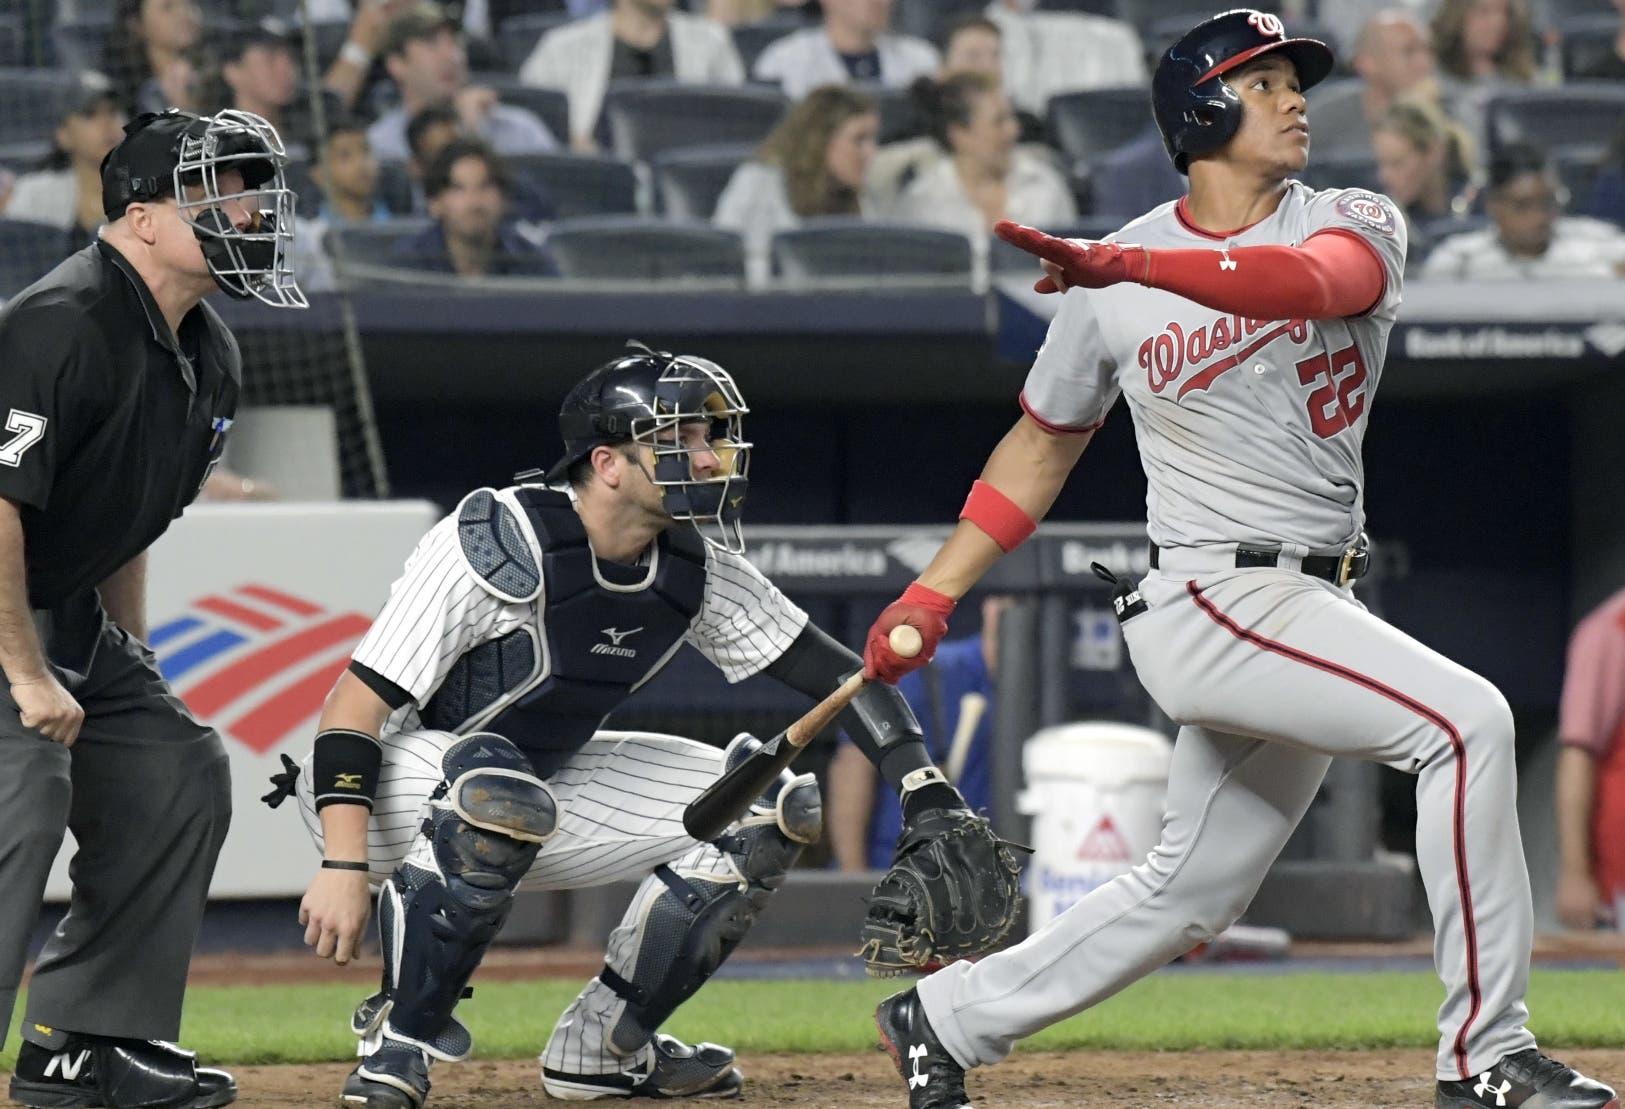 El   dominicano Juan Soto es motivo de muchos comentarios positivos que crecieron con dos jonrones en el Yankee Stadium. AP